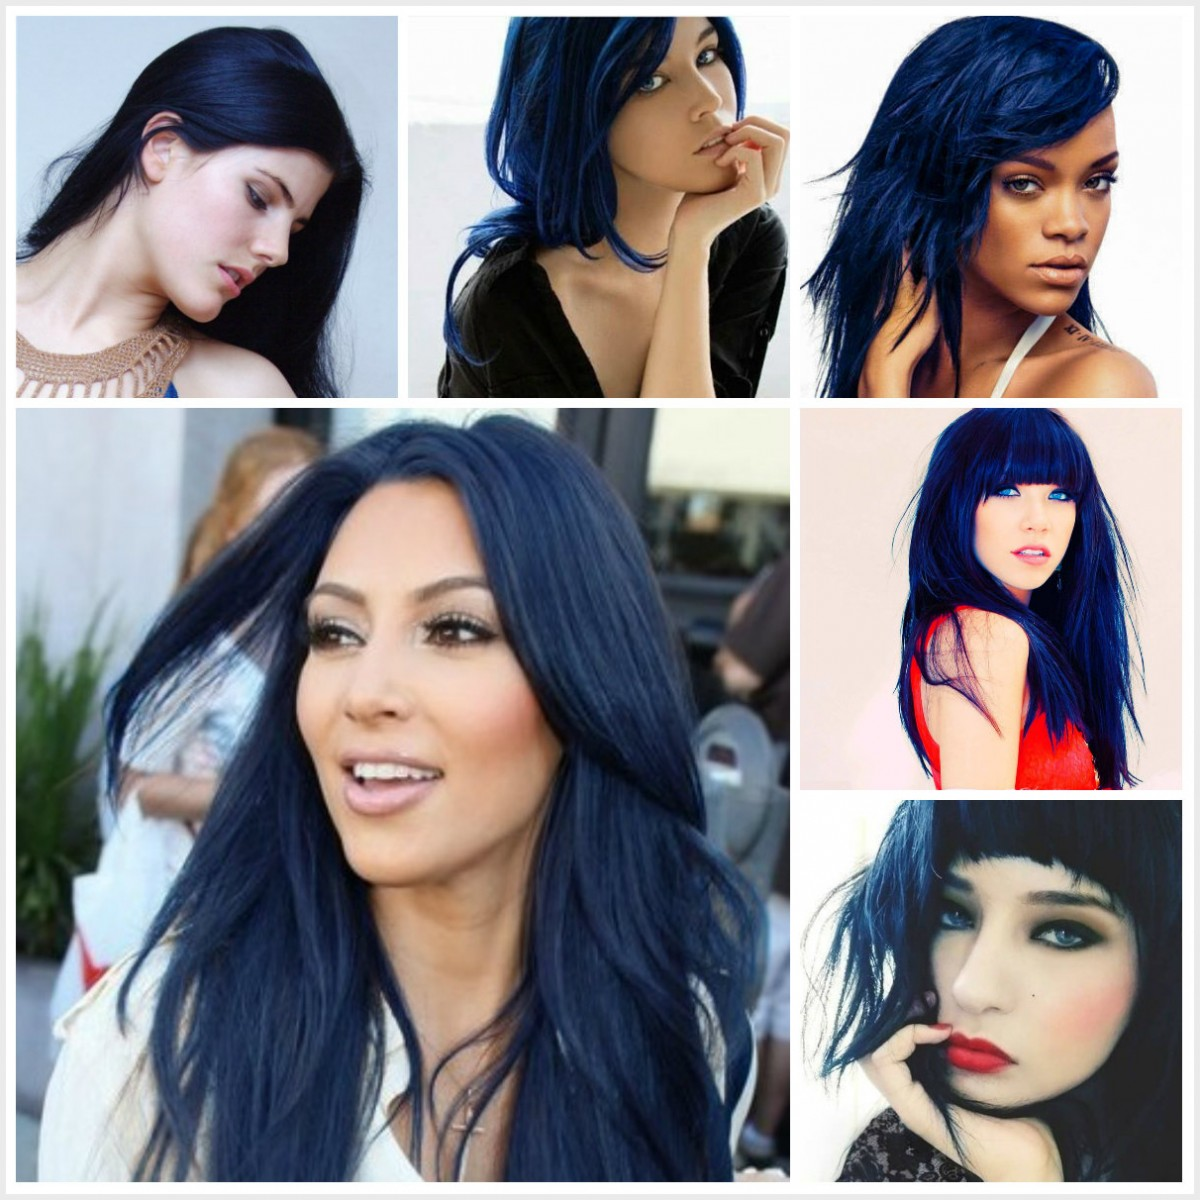 hair dye ideas Best Hair Dye Ideas For Women 2019 unnamed file 258